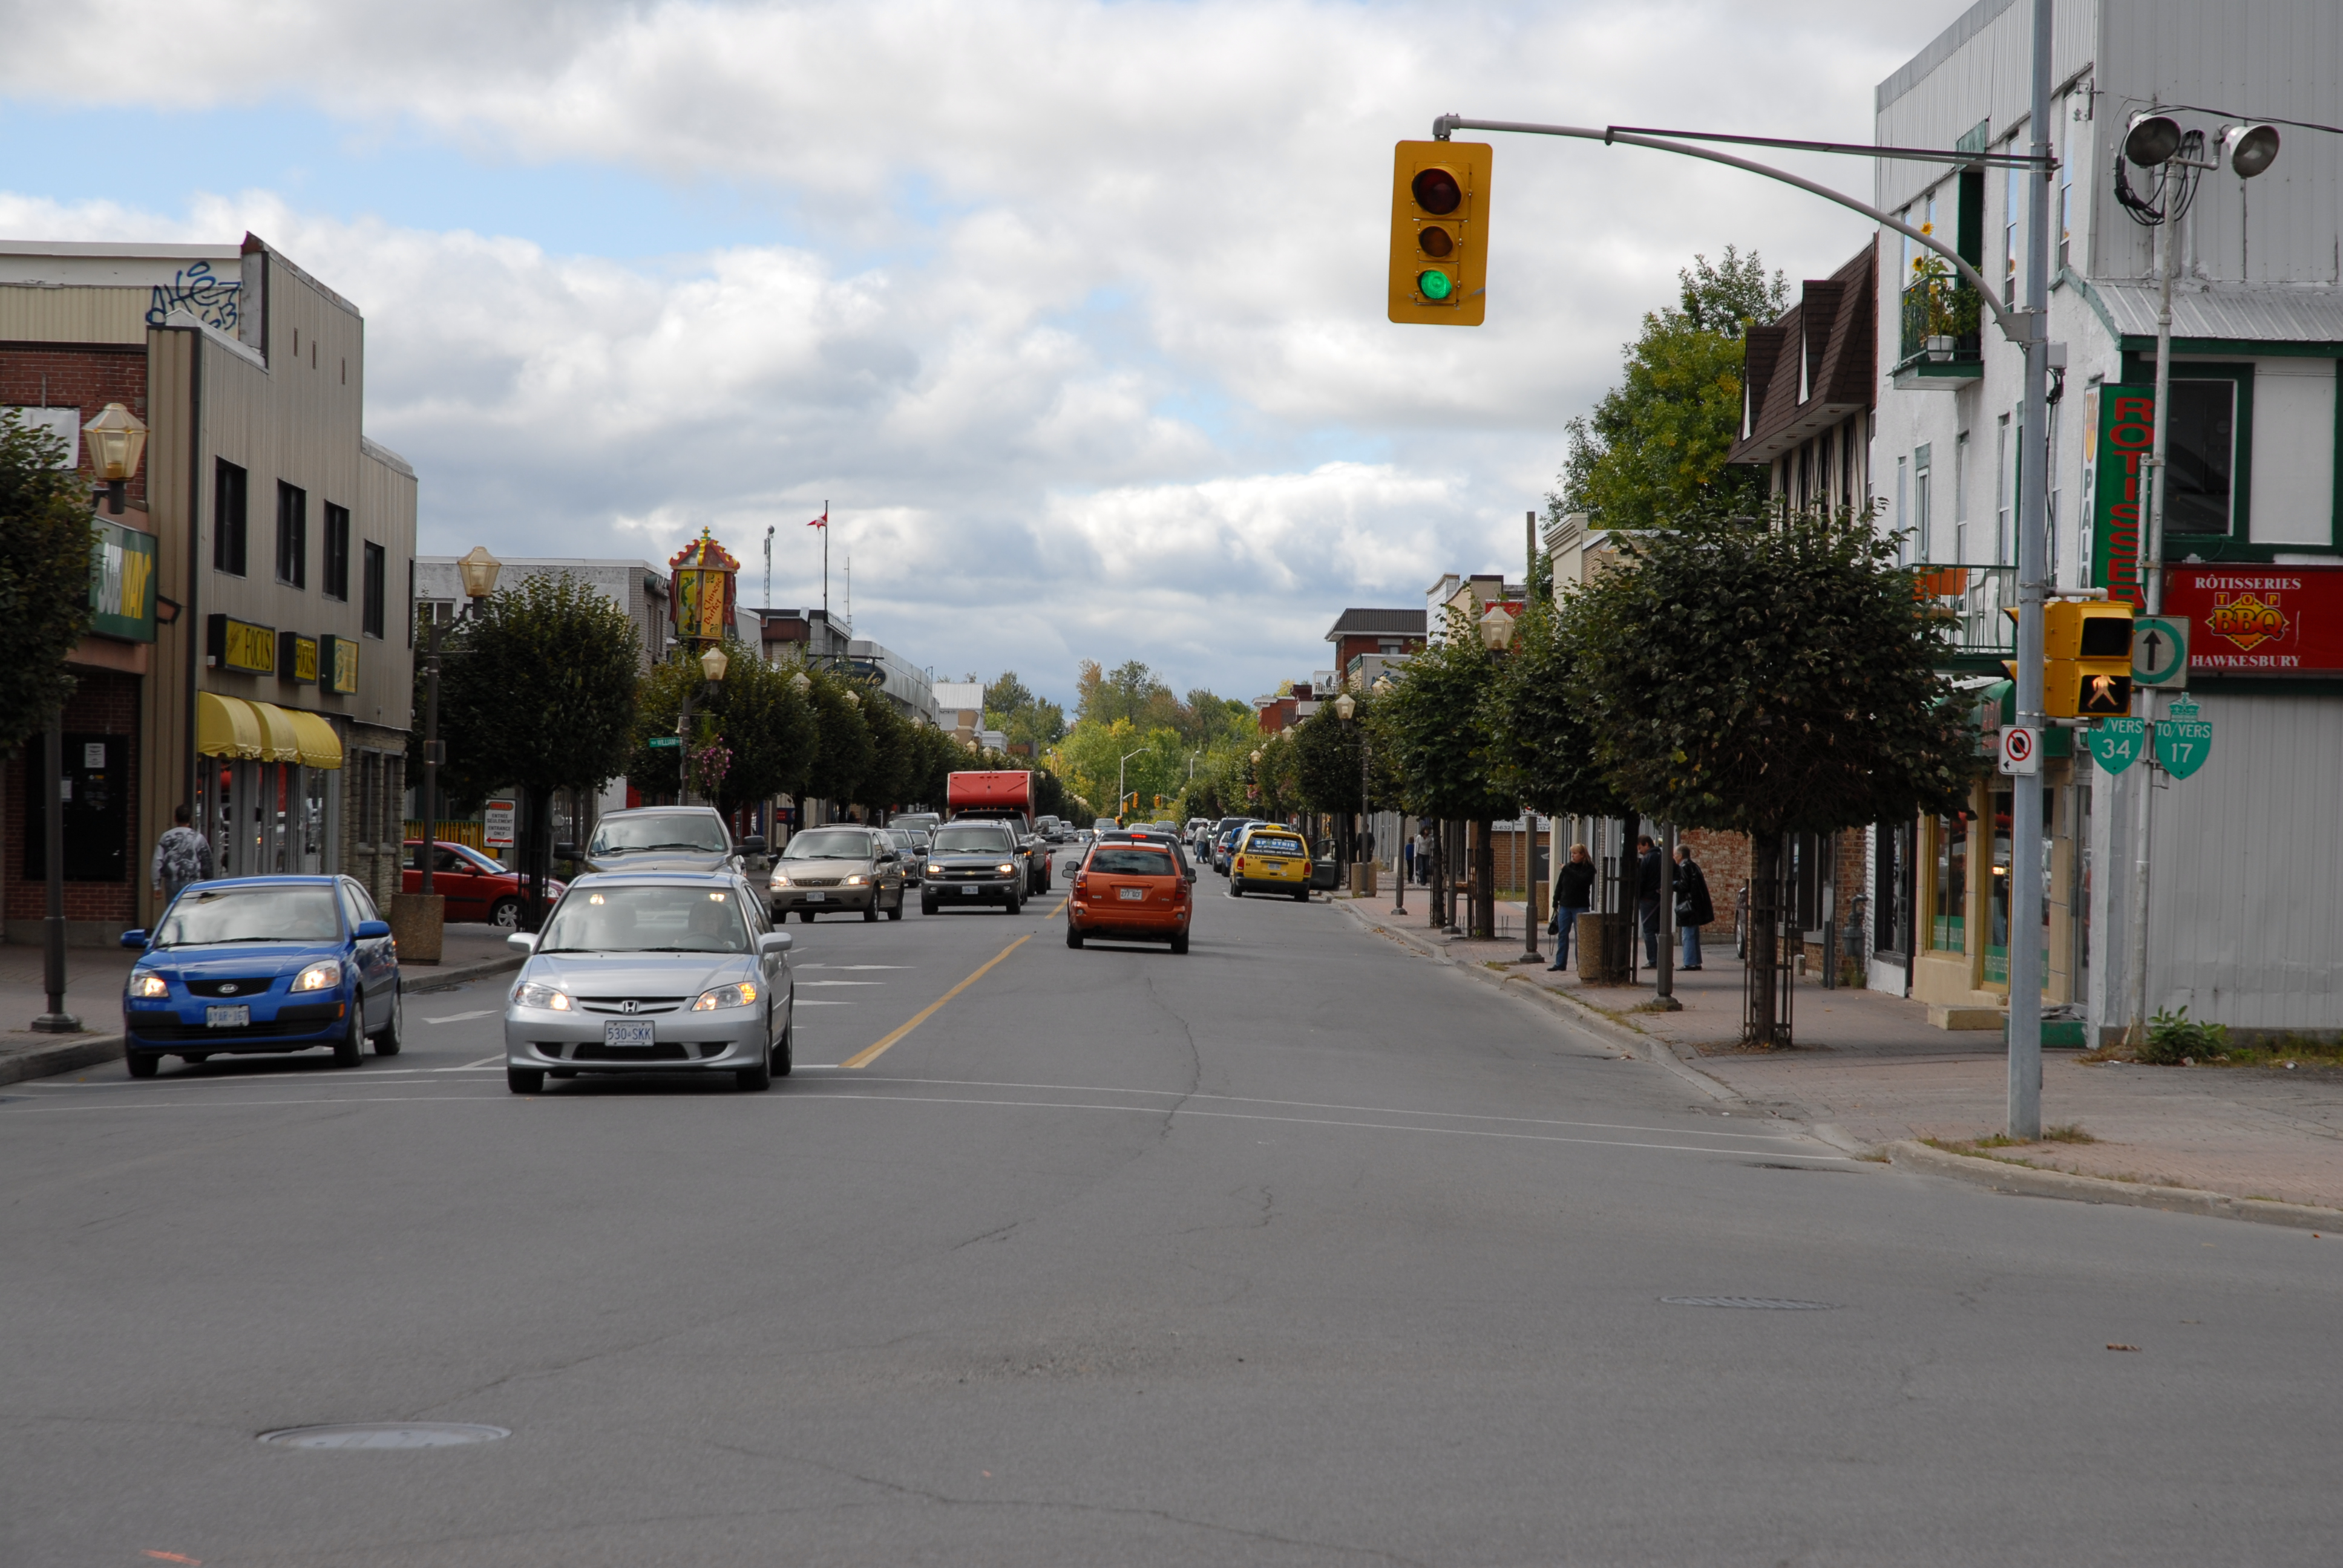 Hawkesbury Ontario News